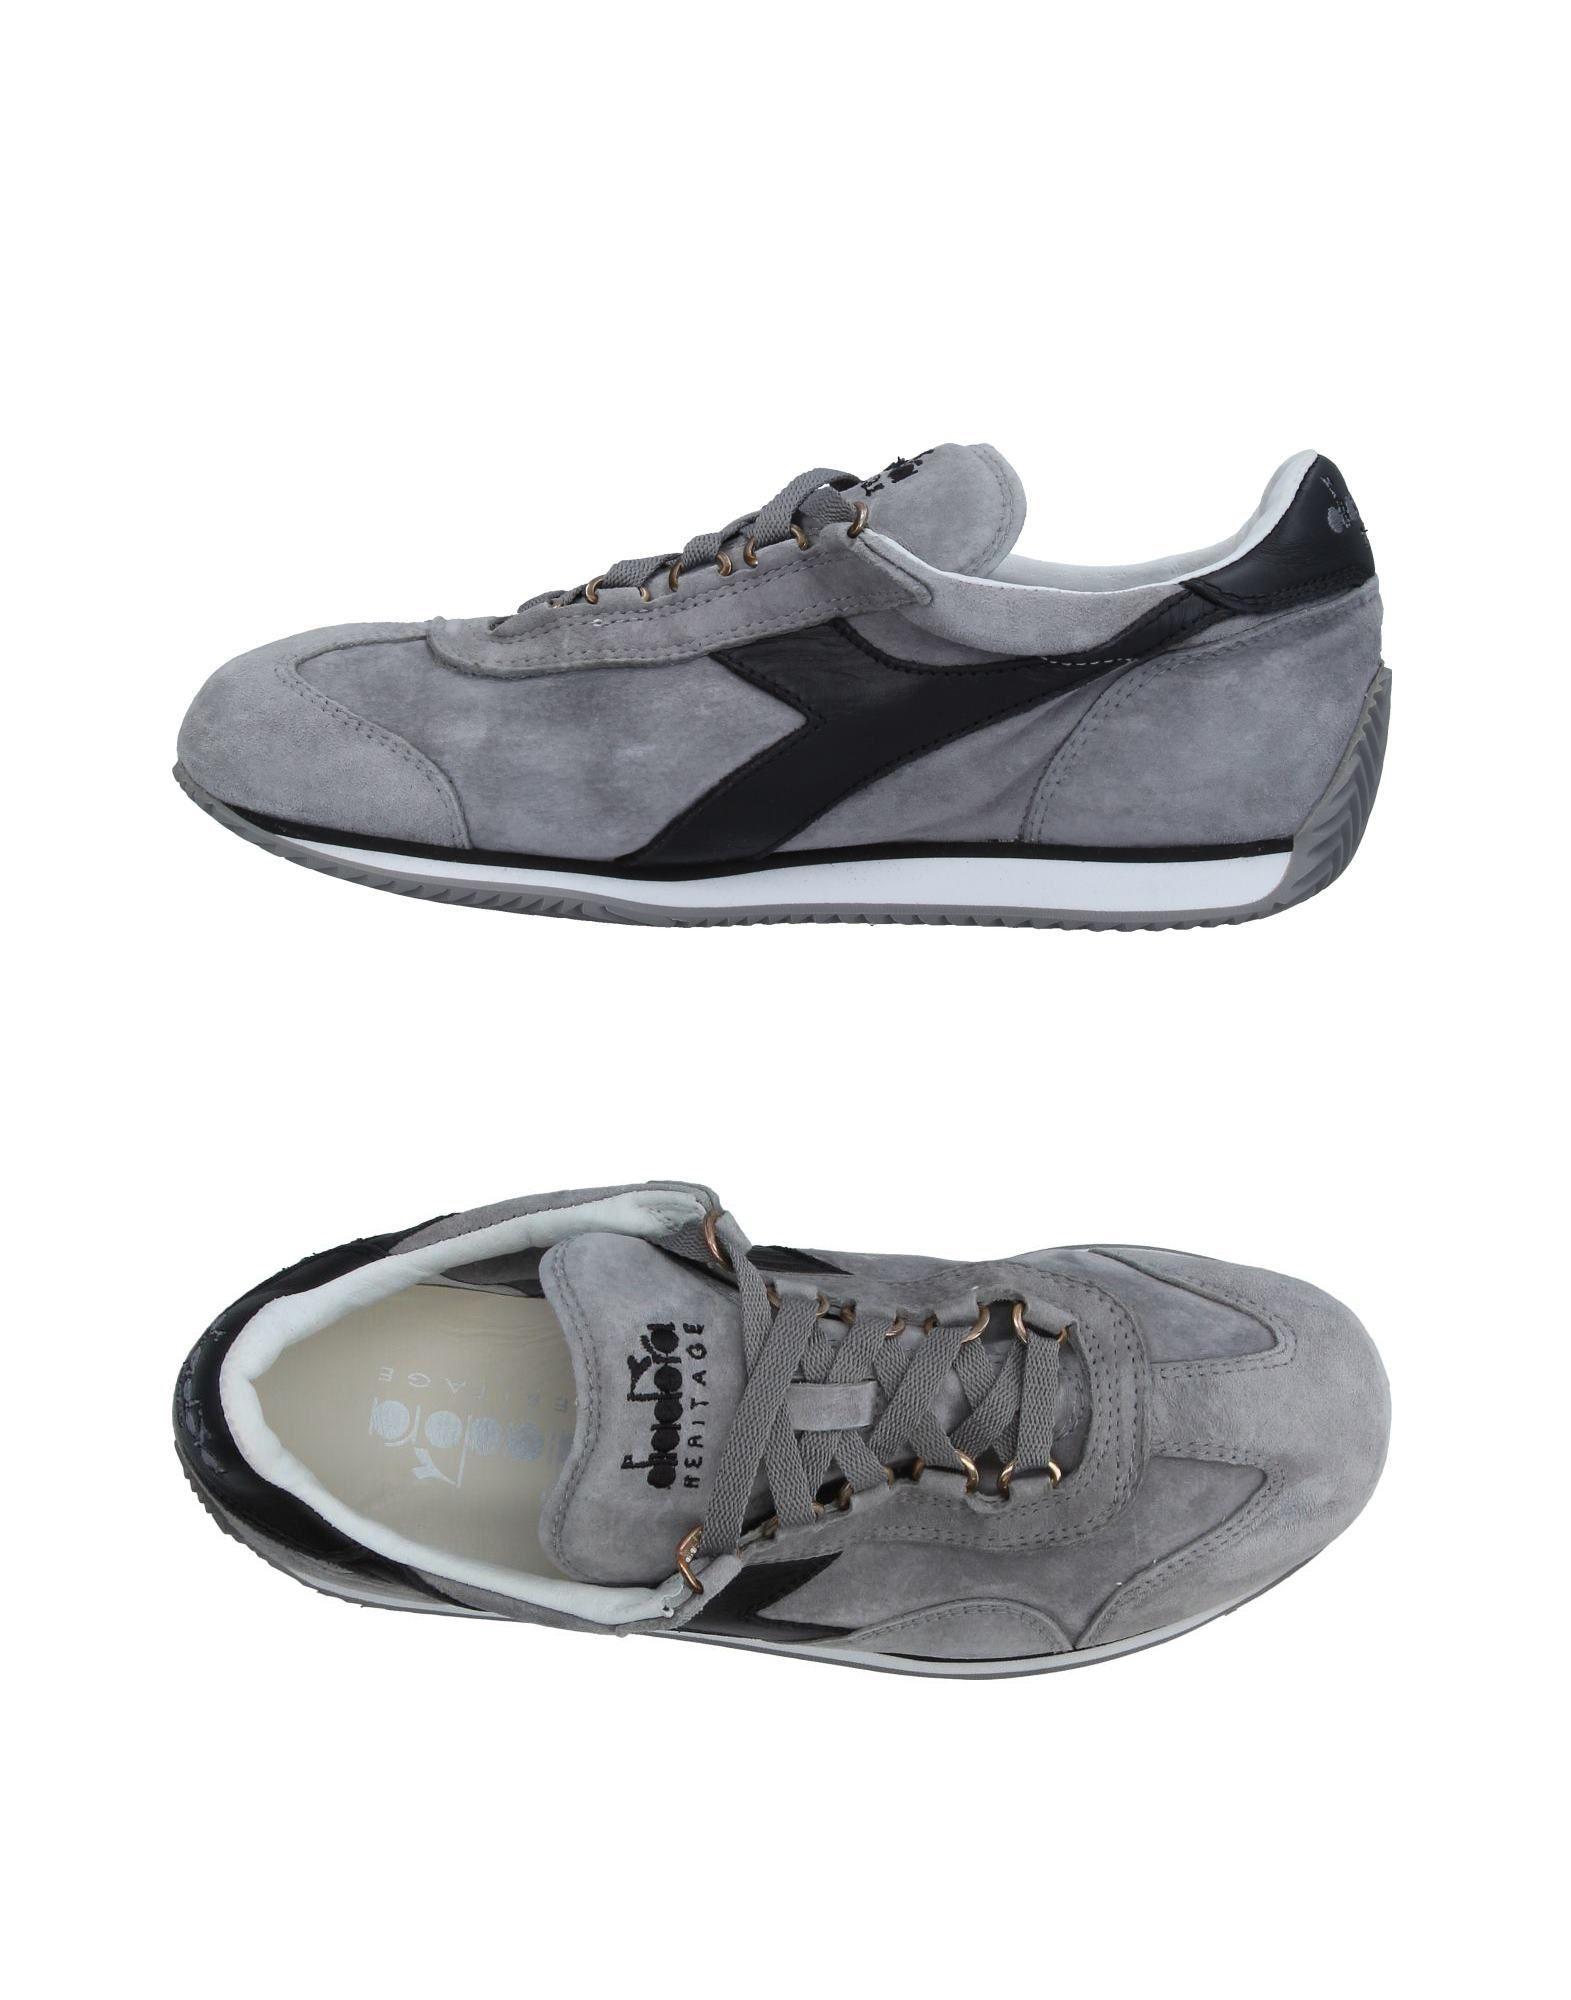 Baskets Diadora Heritage Femme - Baskets chaussures Diadora Heritage Gris Dernières chaussures Baskets discount pour hommes et femmes 3c84f4